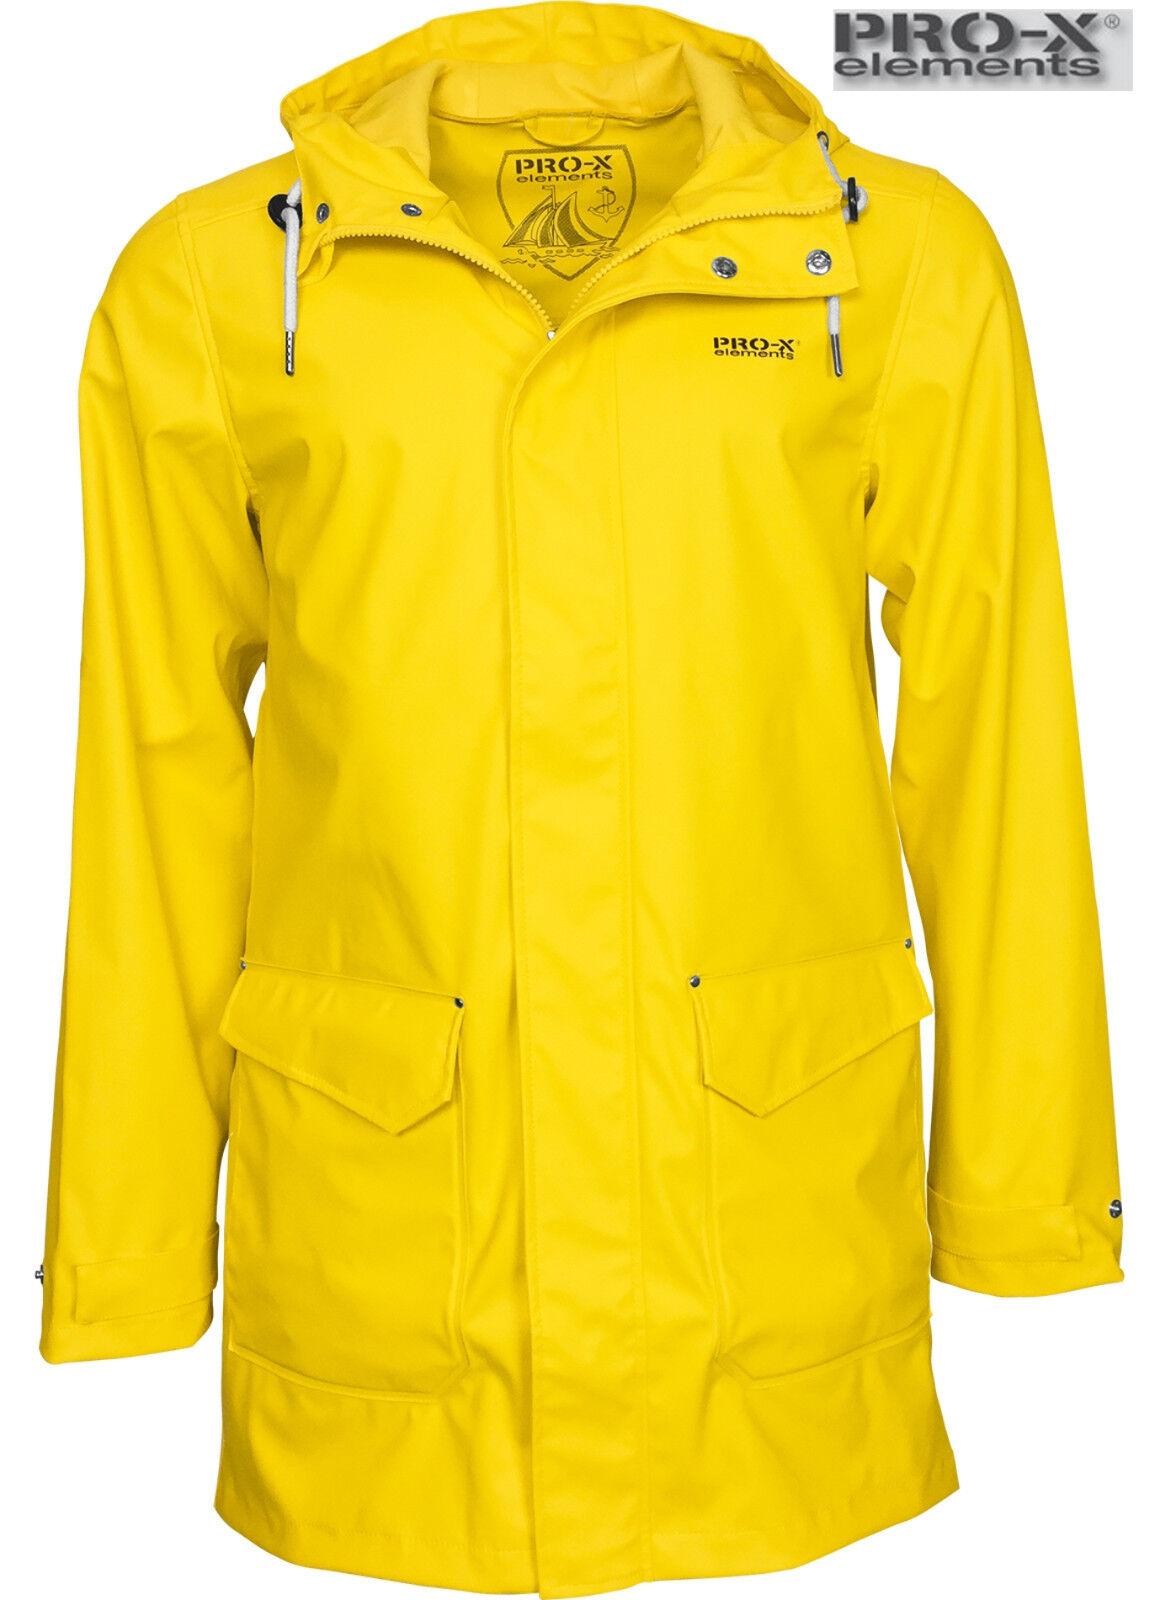 PRO-X ELEMENTS AMRUM PU leichter Ostfriesennerz Friesennerz Regenmantel Raincoat | | | Zürich Online Shop  967672